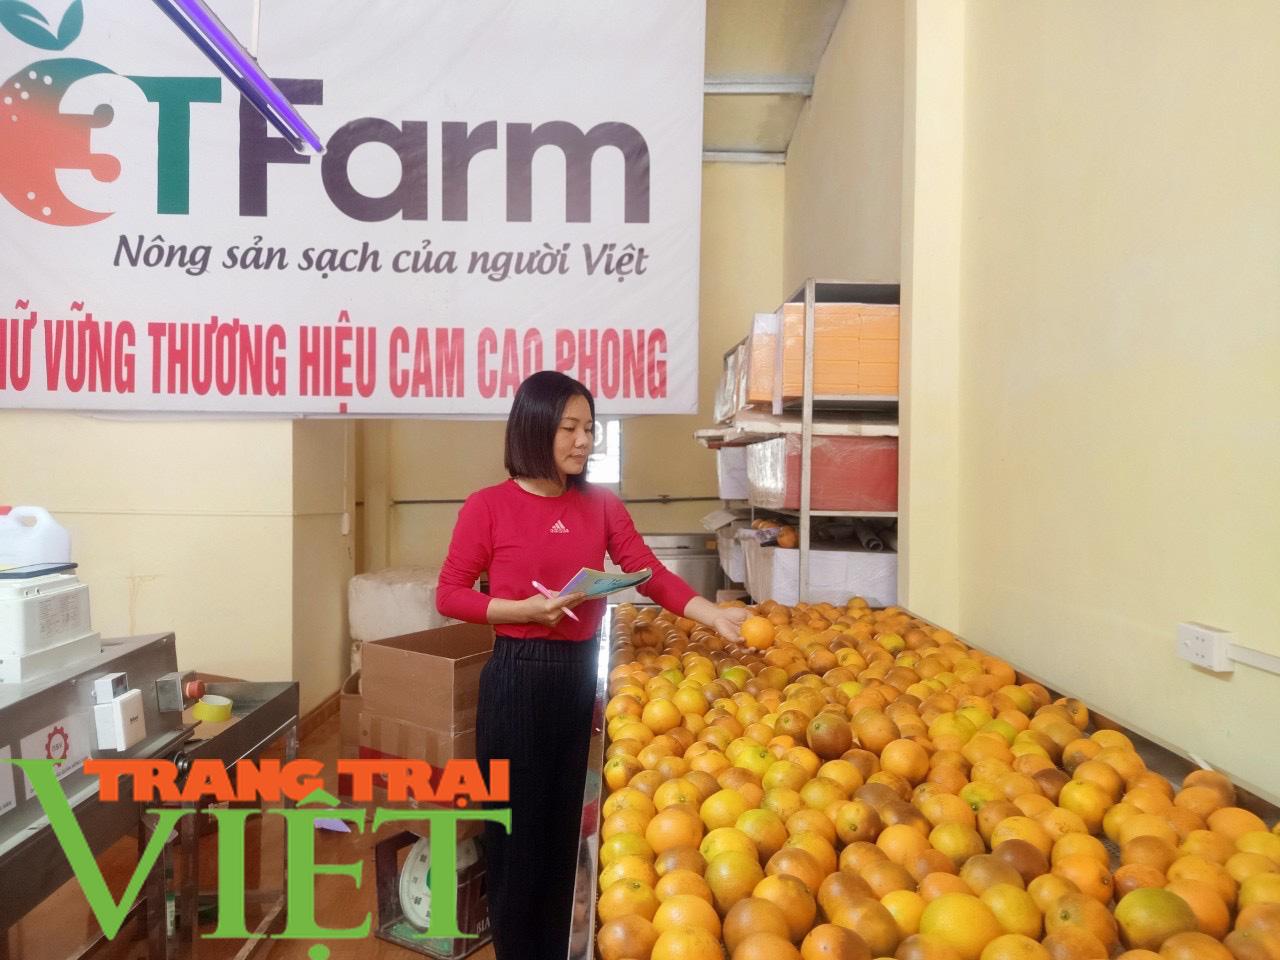 Hòa Bình: Cây ăn quả có múi là sản phẩm chủ lực khẳng định vị thế trên thị trường - Ảnh 3.